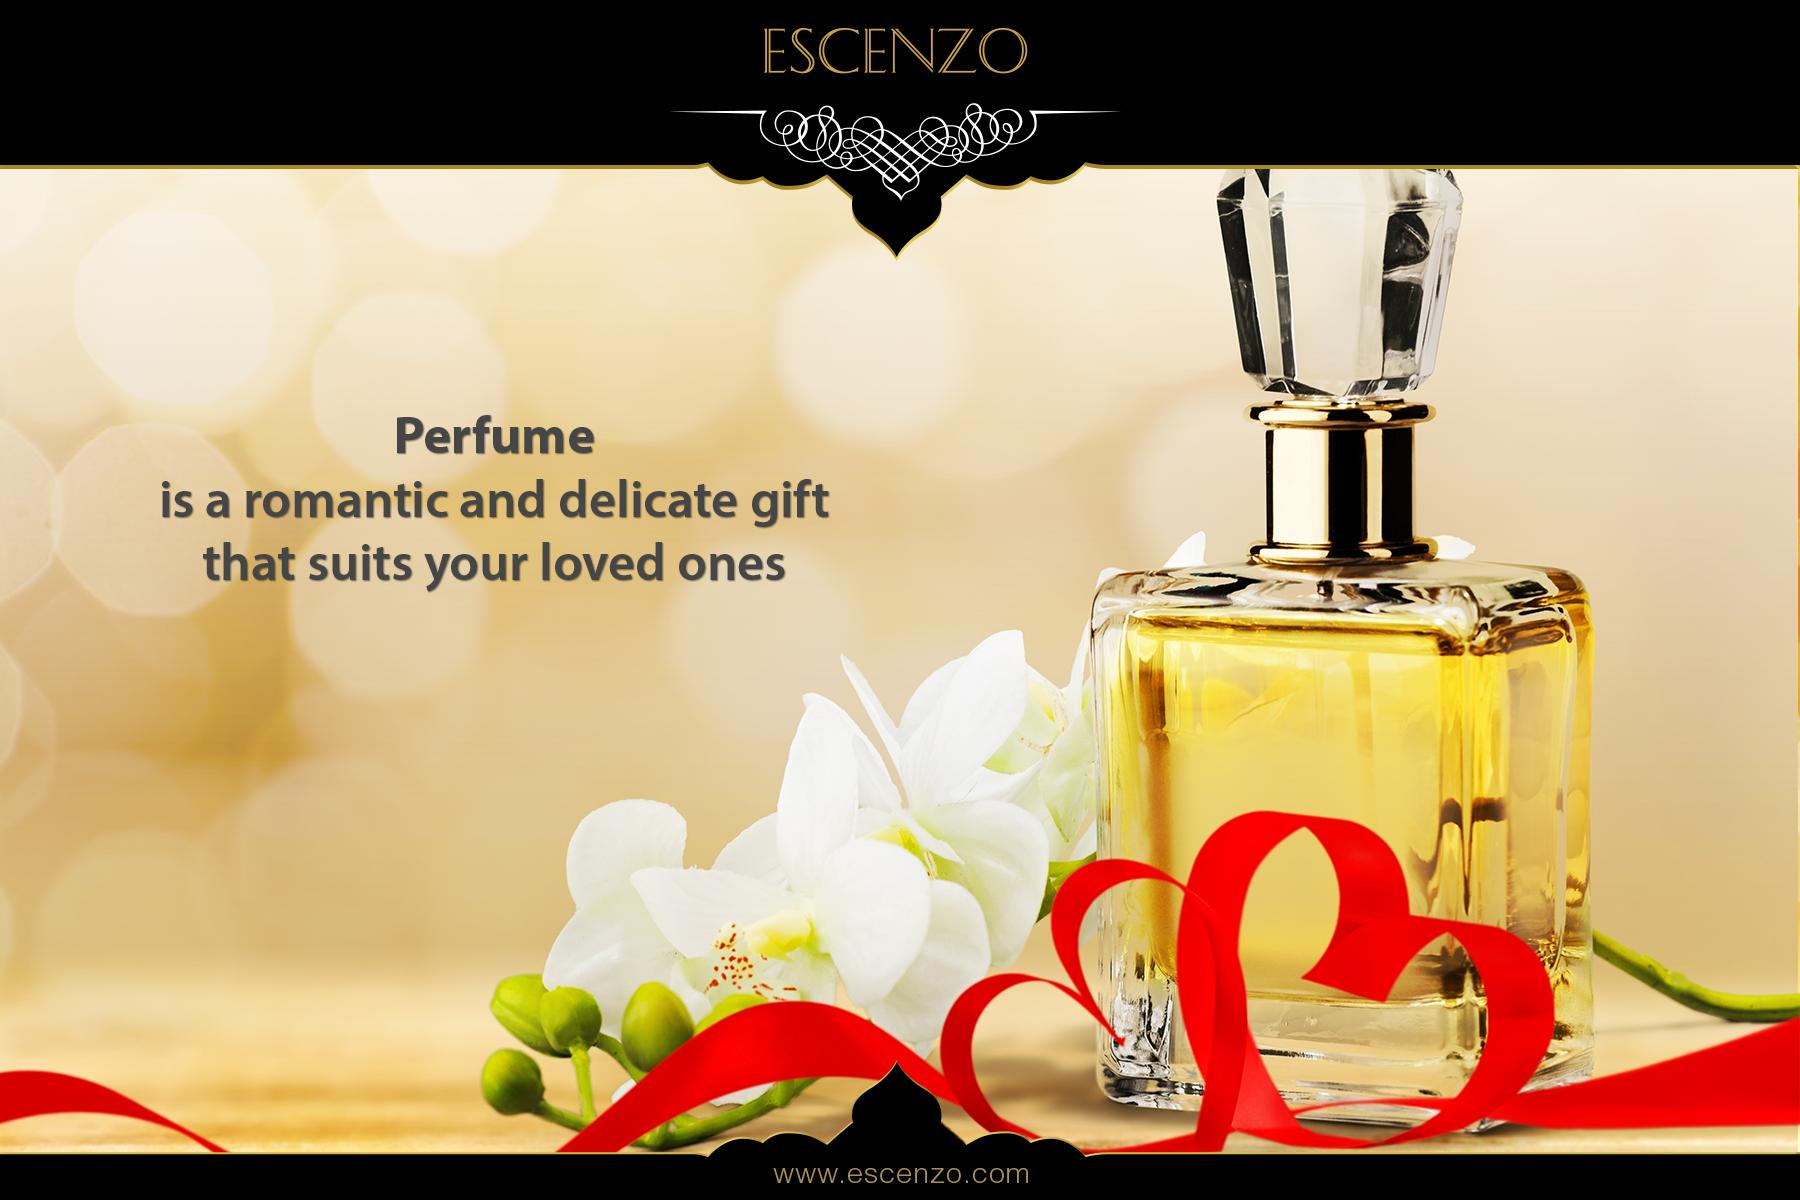 من أجمل الهدايا التي يمكن أن نهديها للأشخاص الذين نحبهم علبة عطر جديدة من عطرهم المفضل إسنزو تقدم لكم مئات العط Perfume Bottles Perfume Hand Soap Bottle